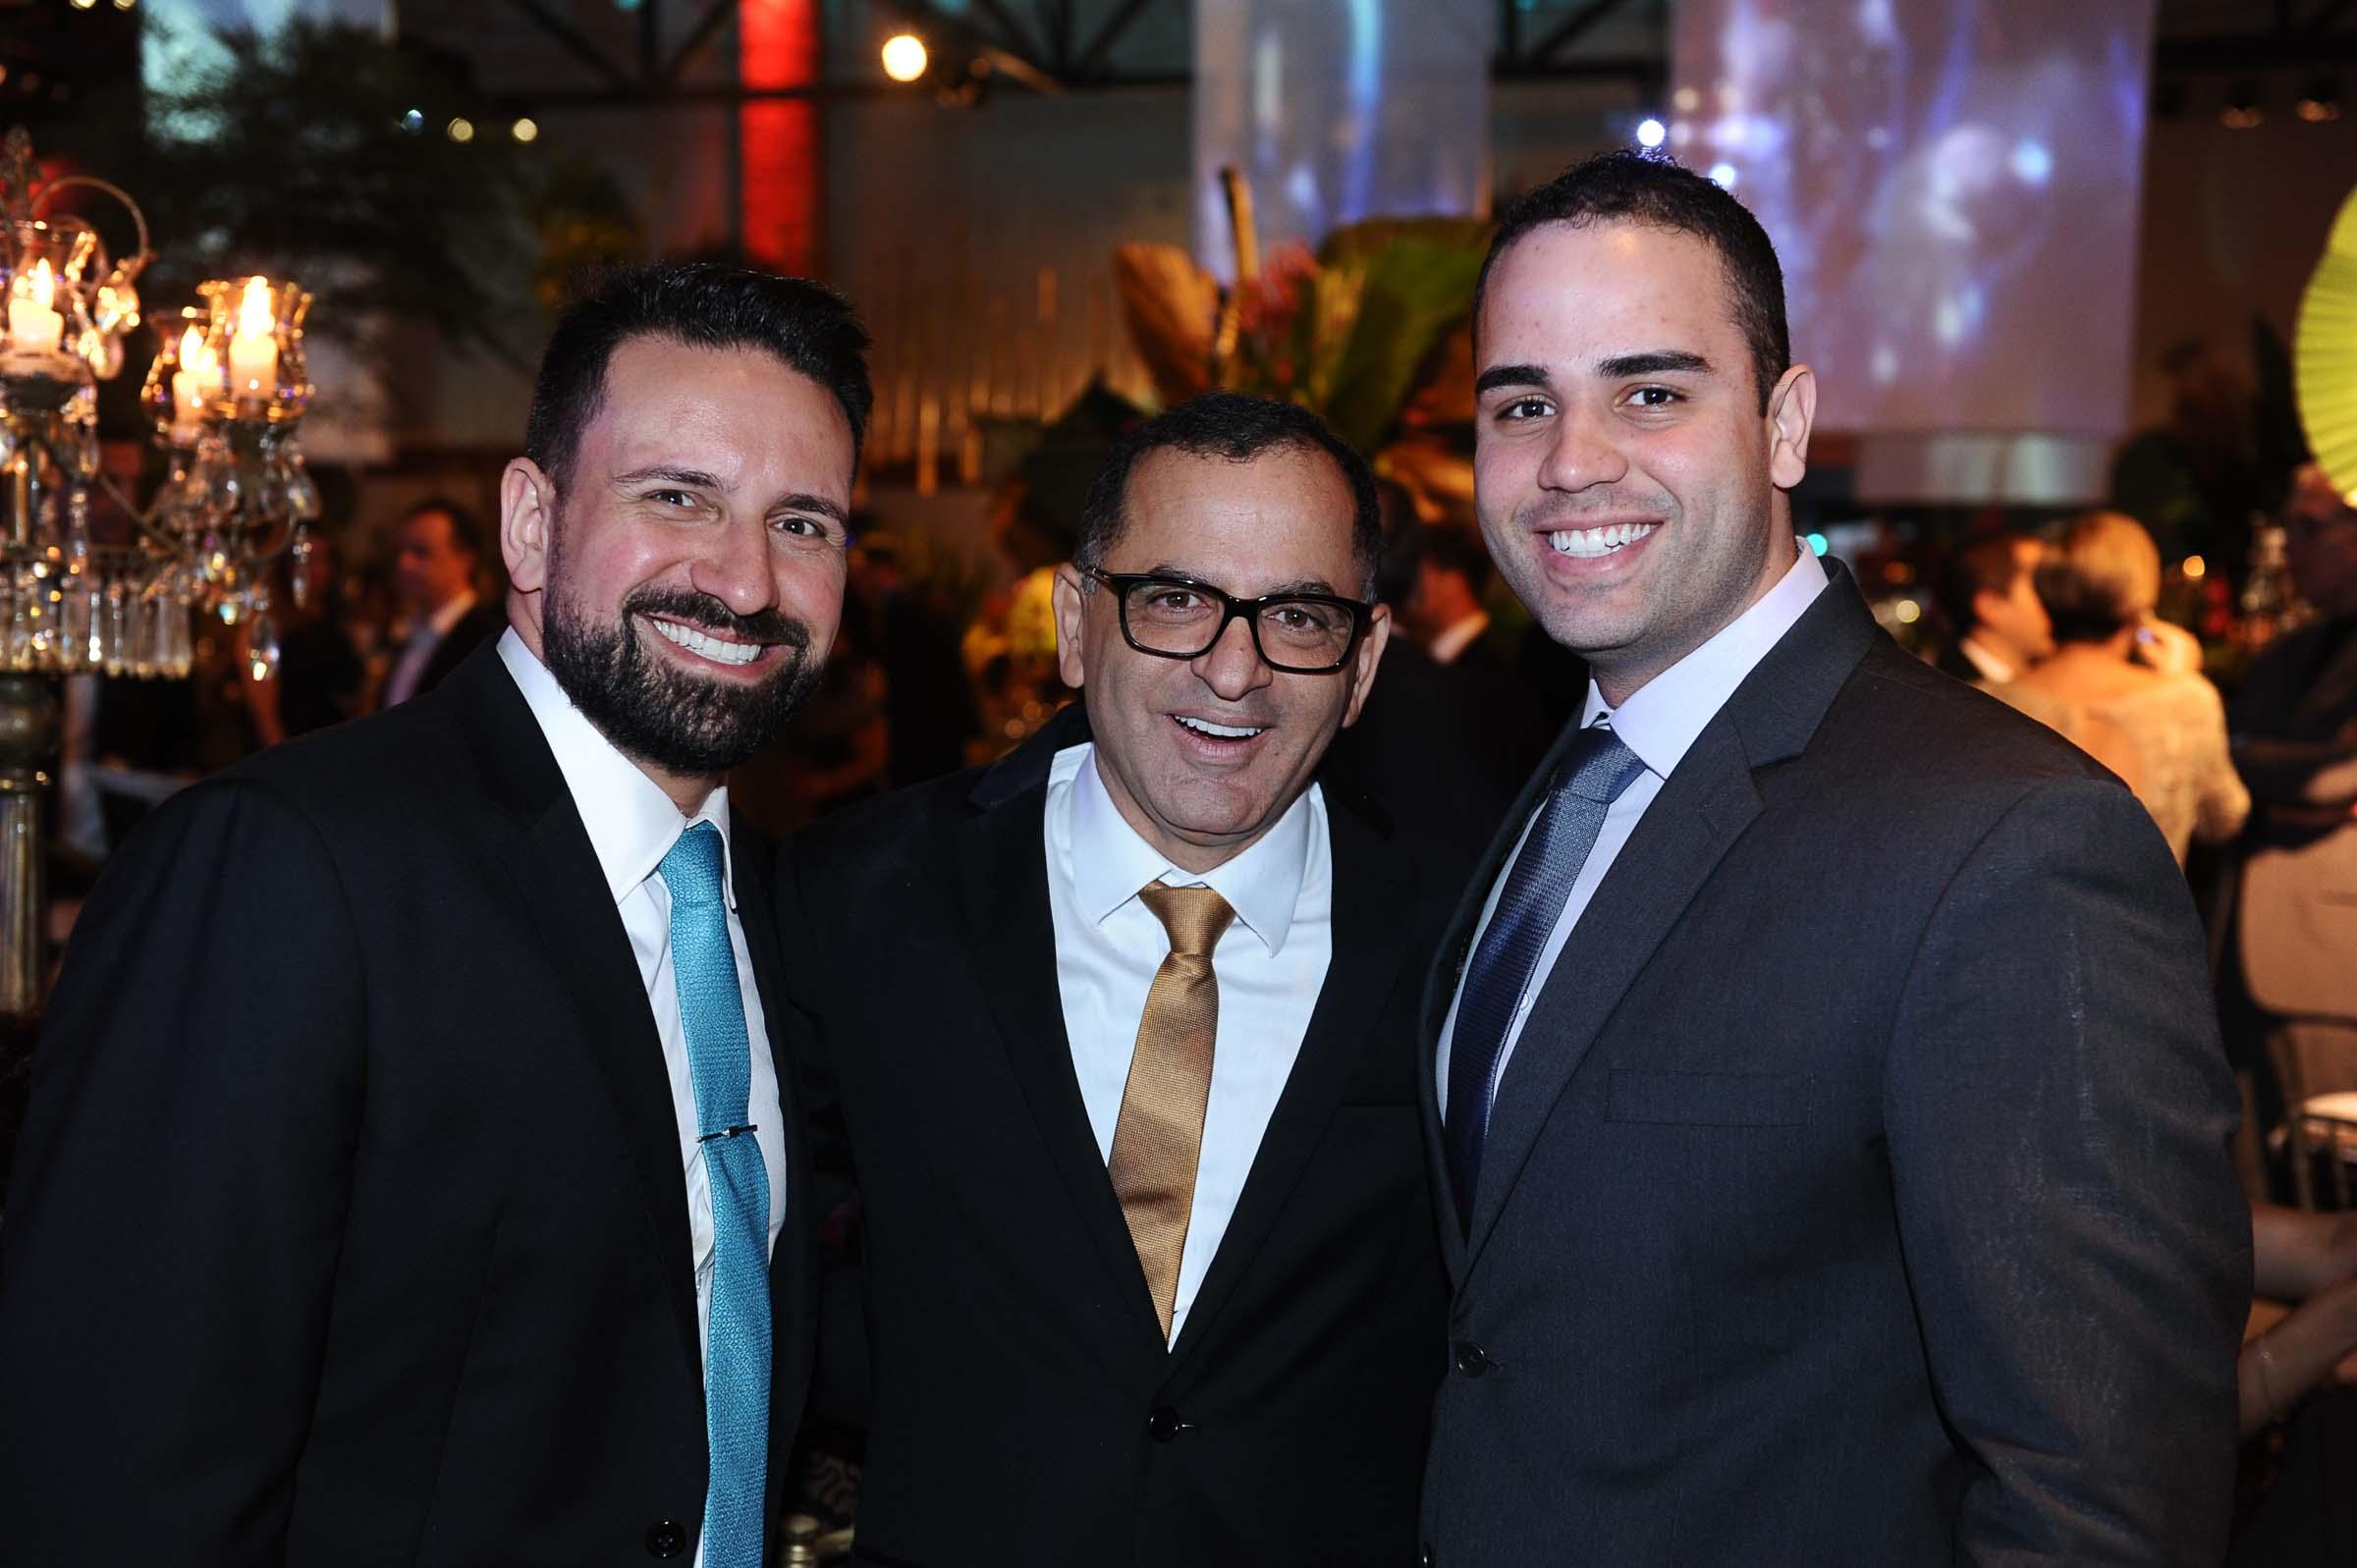 O personal trainer Fernando Almeida, Jefferson e o médico Bruno Rosas